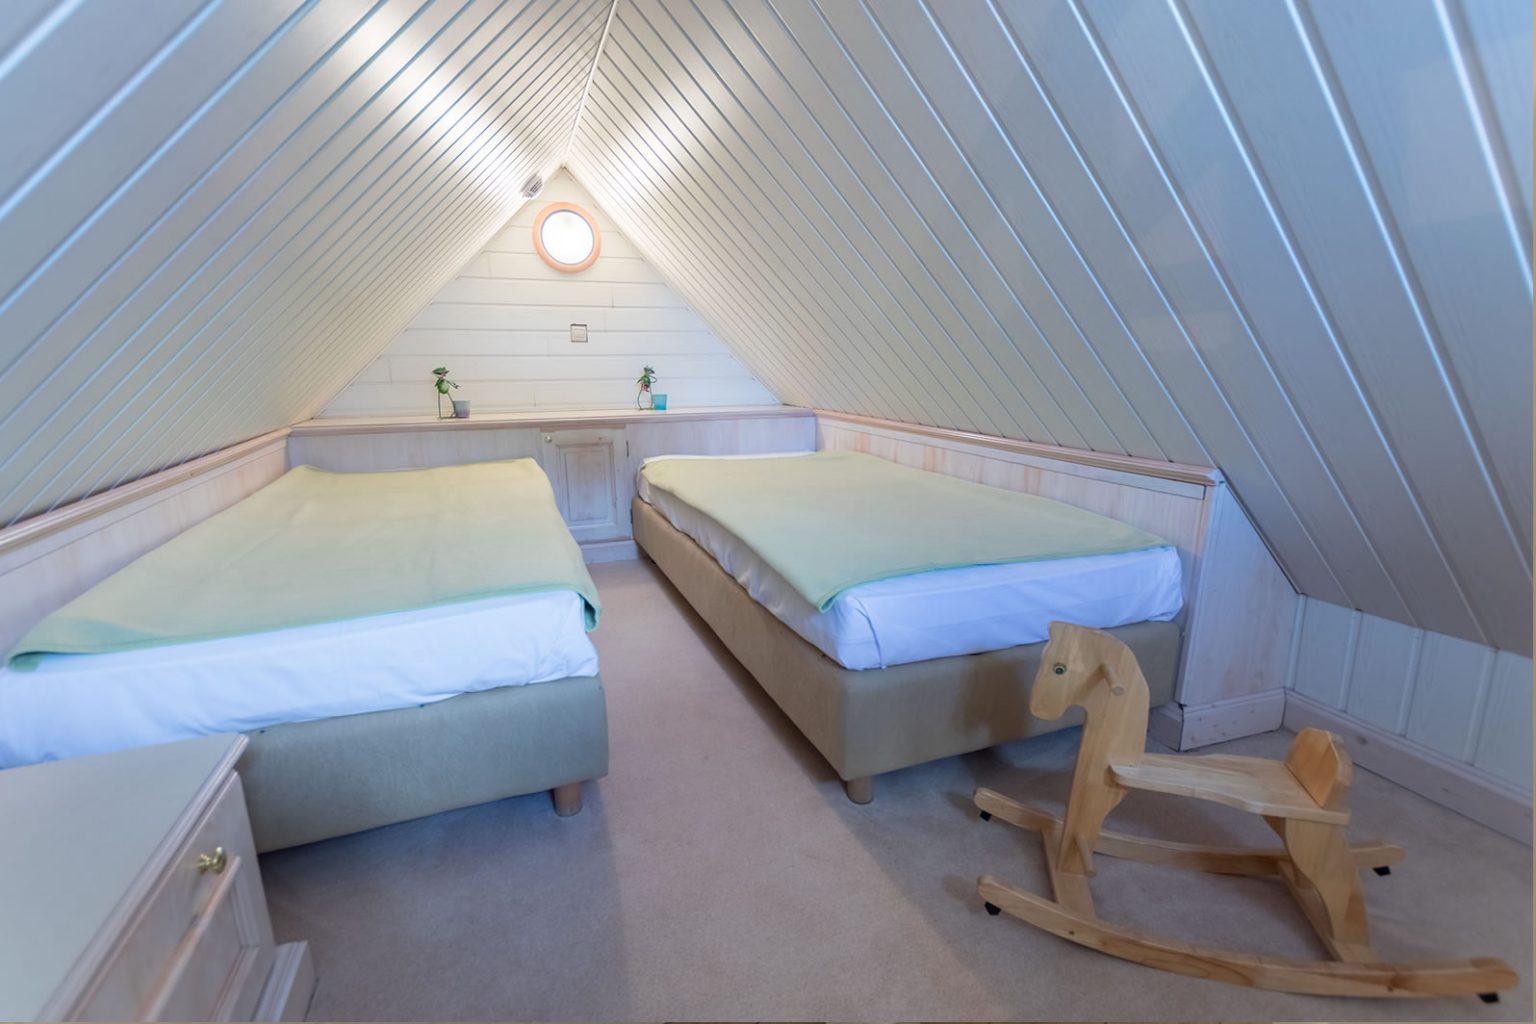 Kinderschlafbereich oben in Familiensuite über 2 Etagen